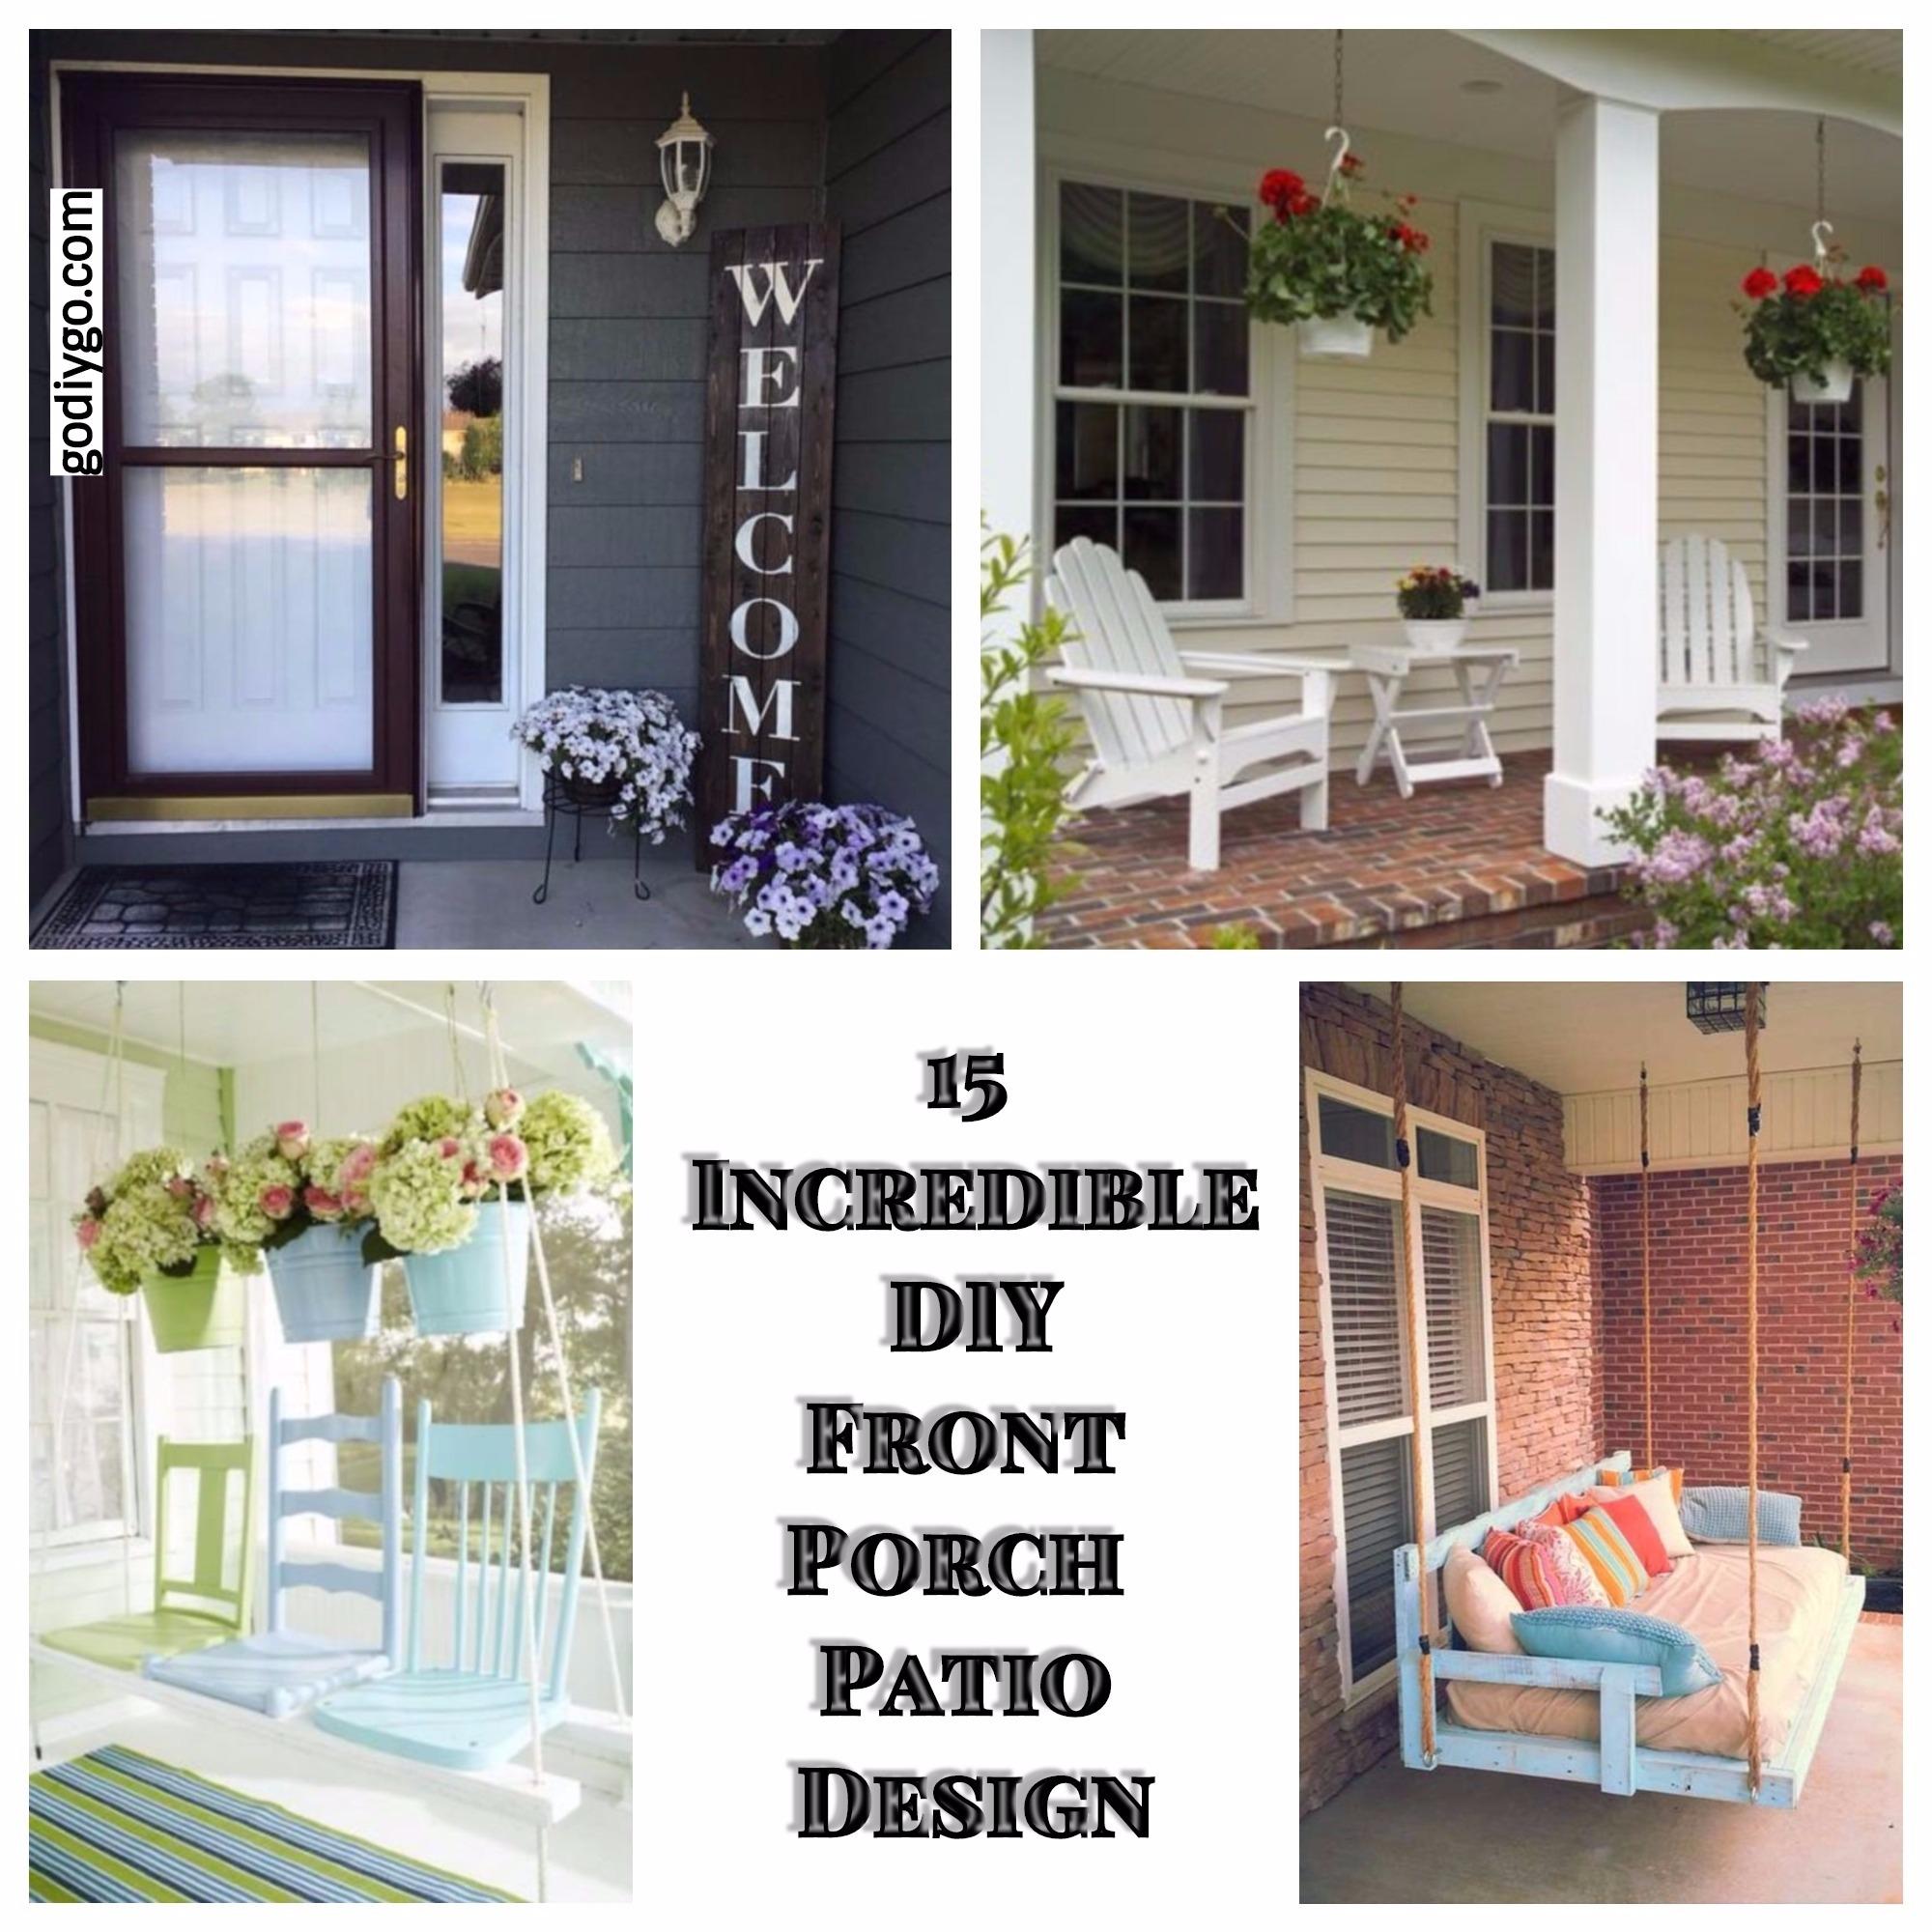 15 Incredible DIY Front Porch Patio Design GODIYGO